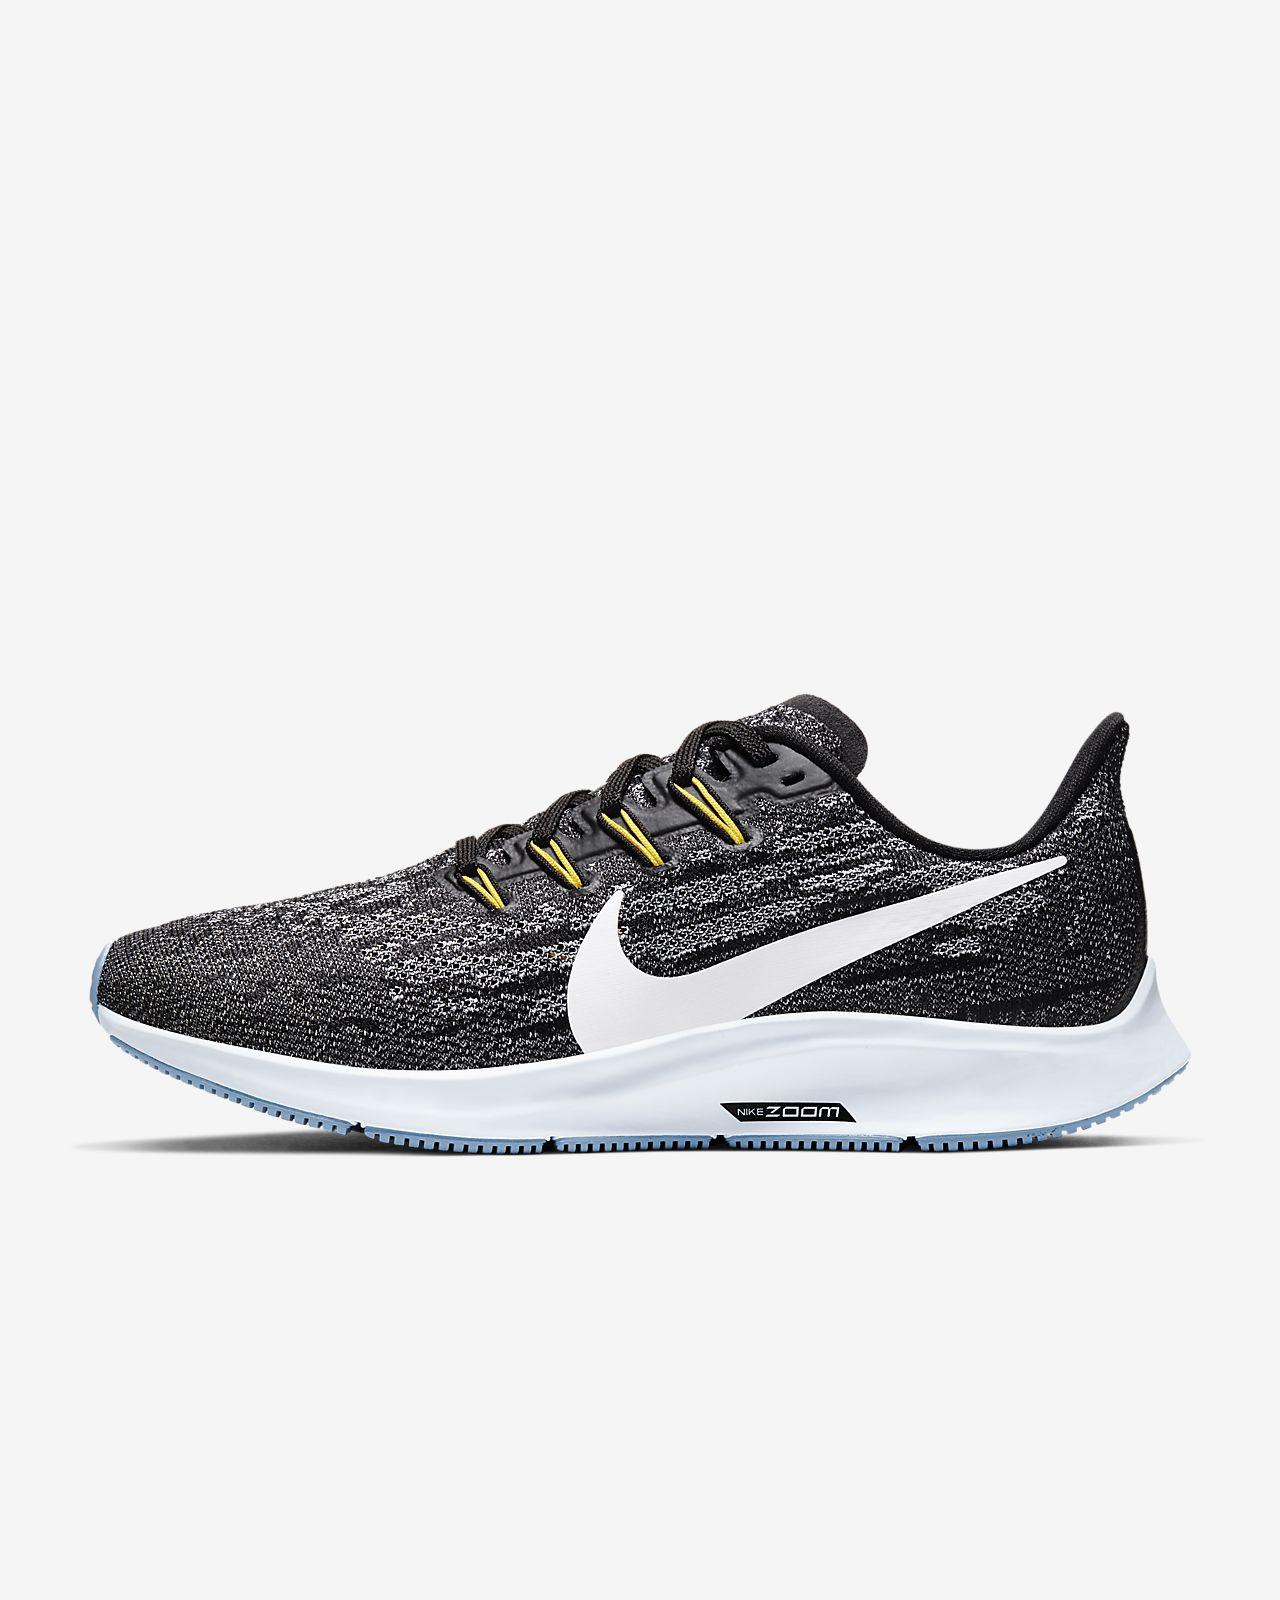 Nike Air Jordan 1 Explorer XX Sort Dame Casual Sko Danmark